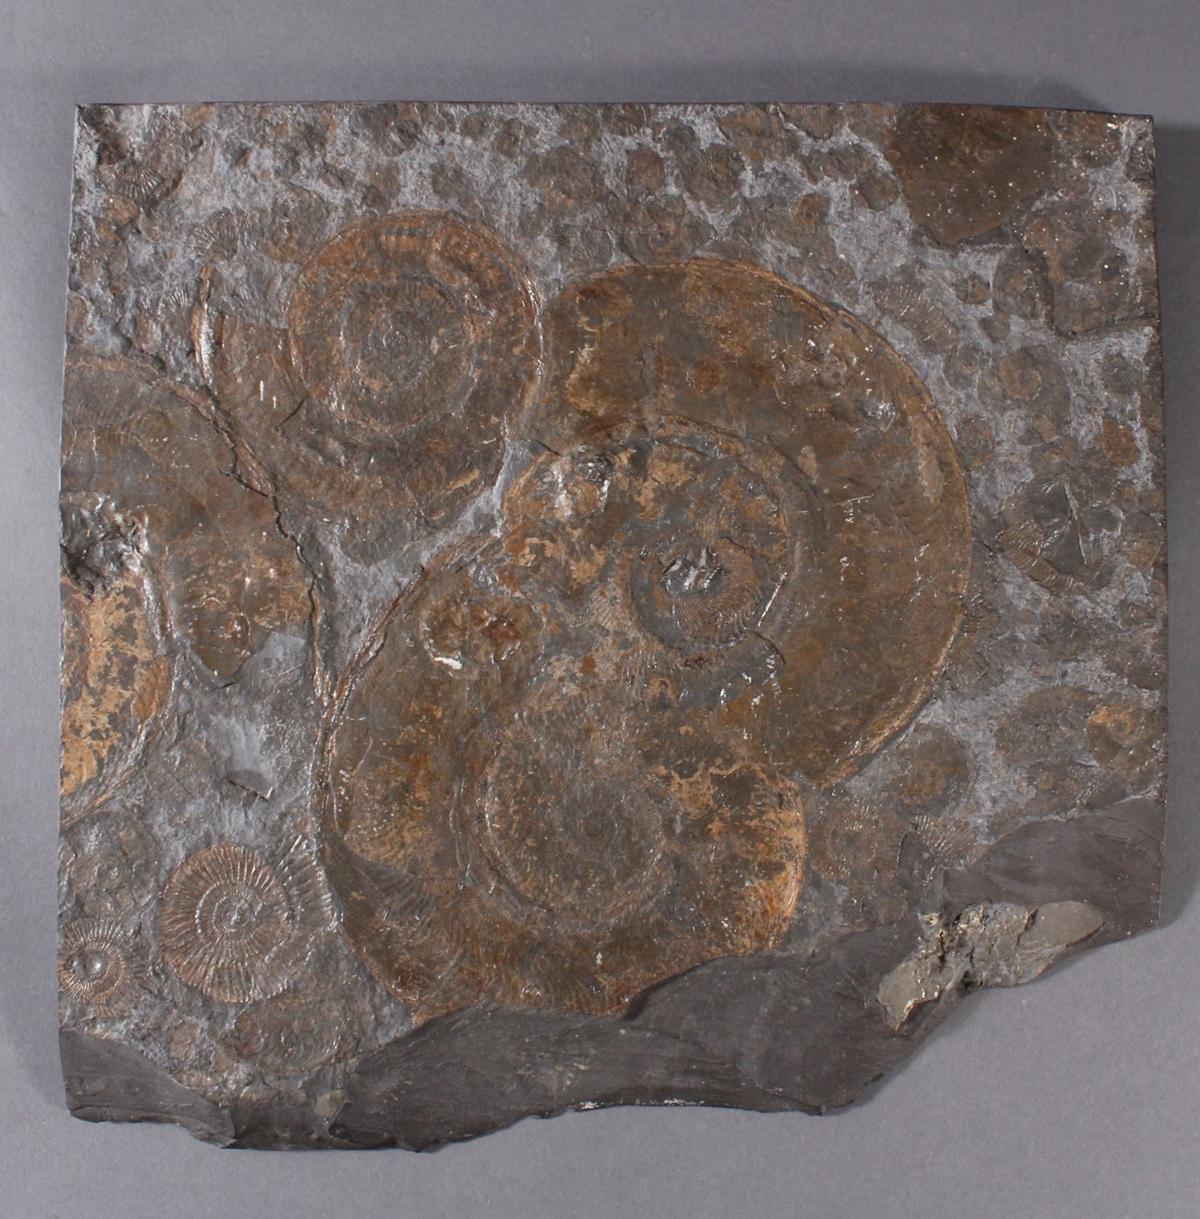 Große Schieferplatte mit Fossil 'Ammoniten'